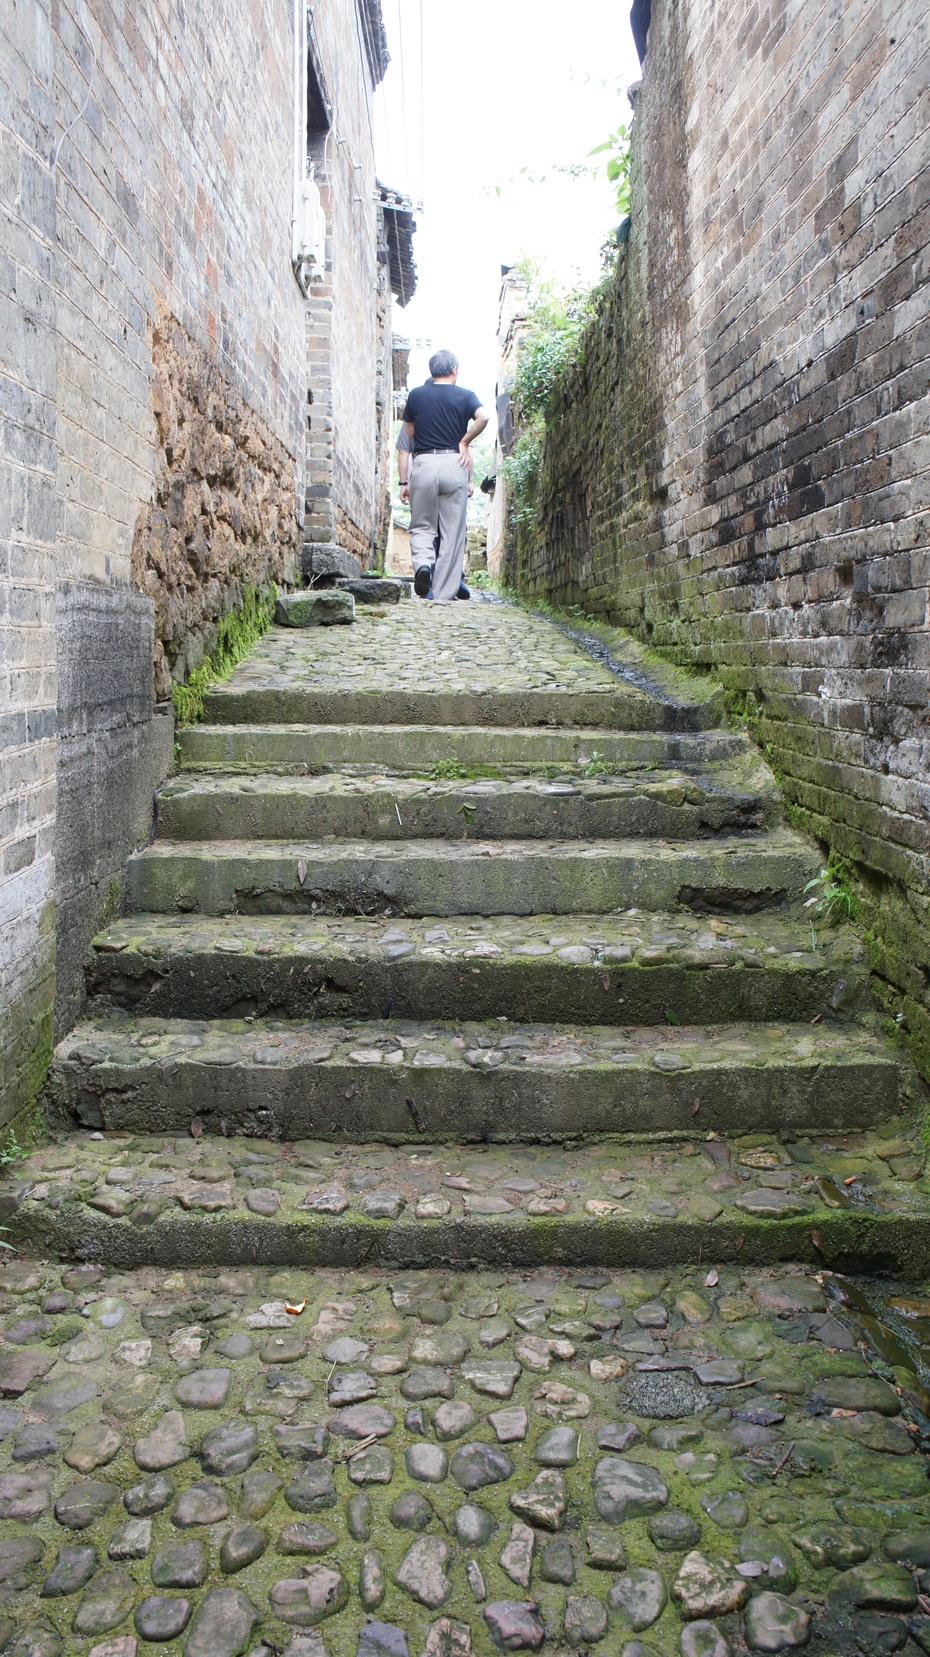 走进湘桂古商道上的传统村落长岗岭 - 余昌国 - 我的博客